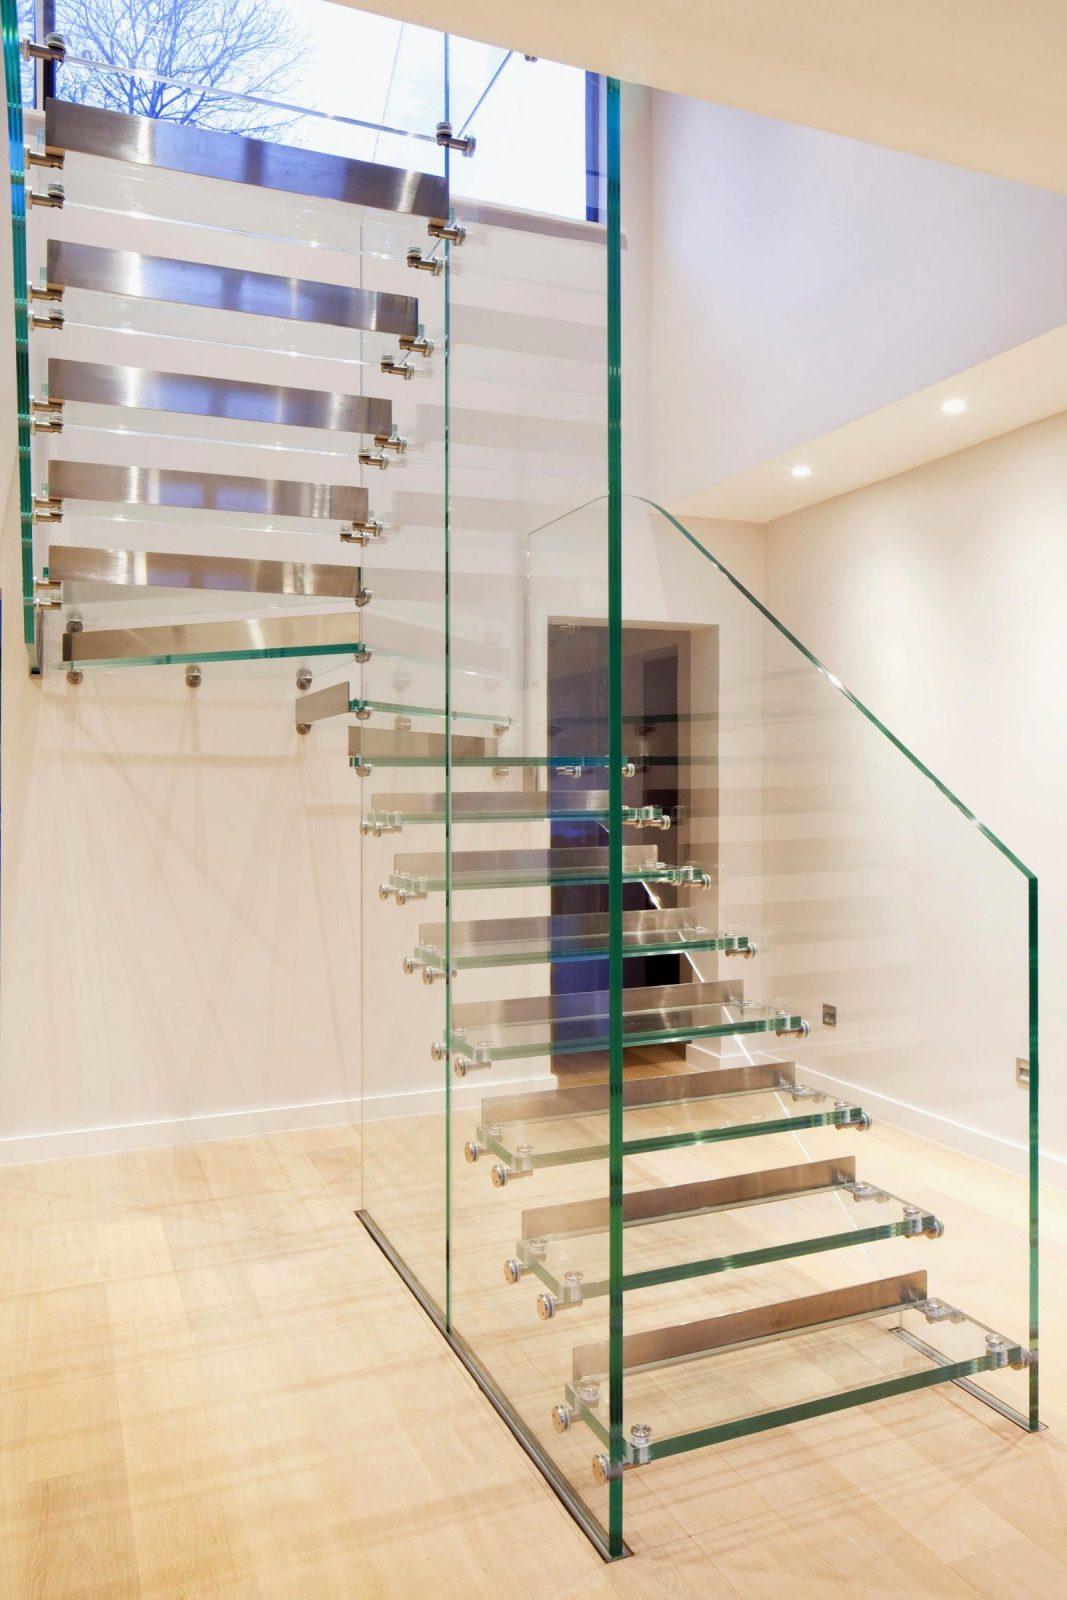 Freitragende Treppe Designideen Luxus Neu Minka Treppen Stock von Freitragende Treppe Selber Bauen Photo